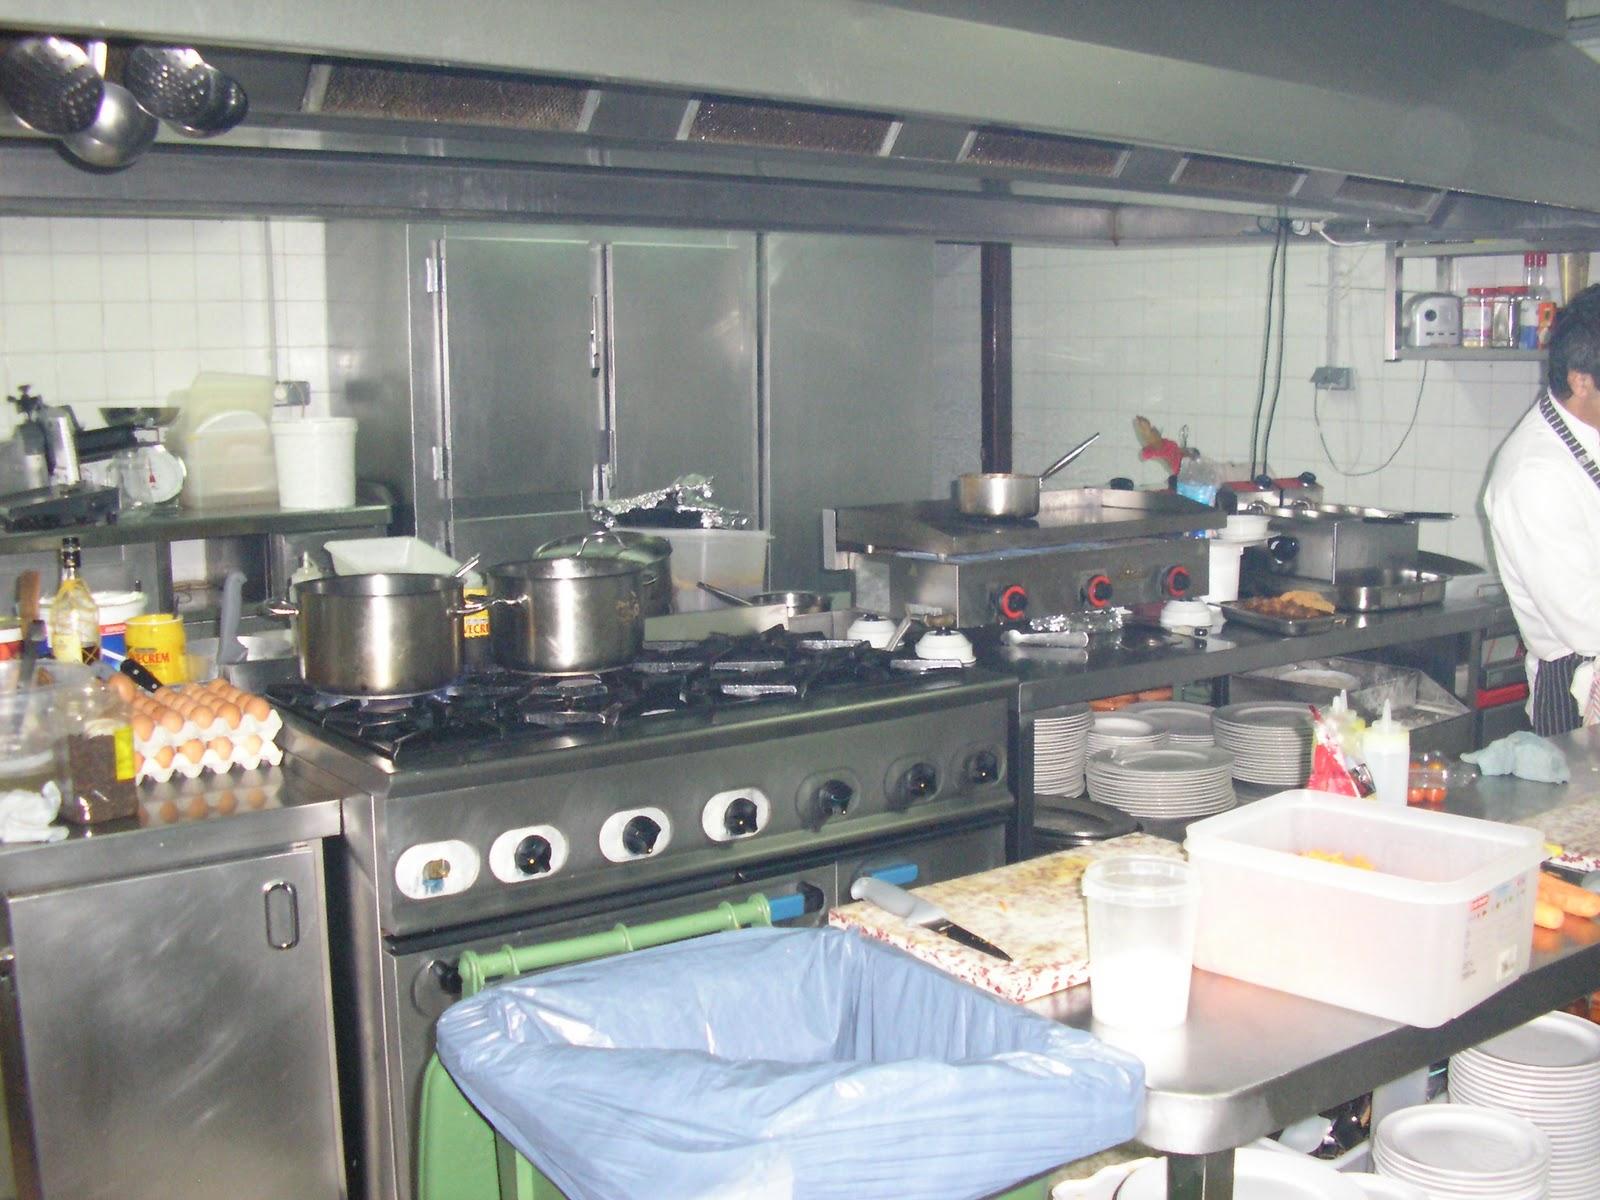 Cocina la carreta el blog de javier - Blog de cocina ...